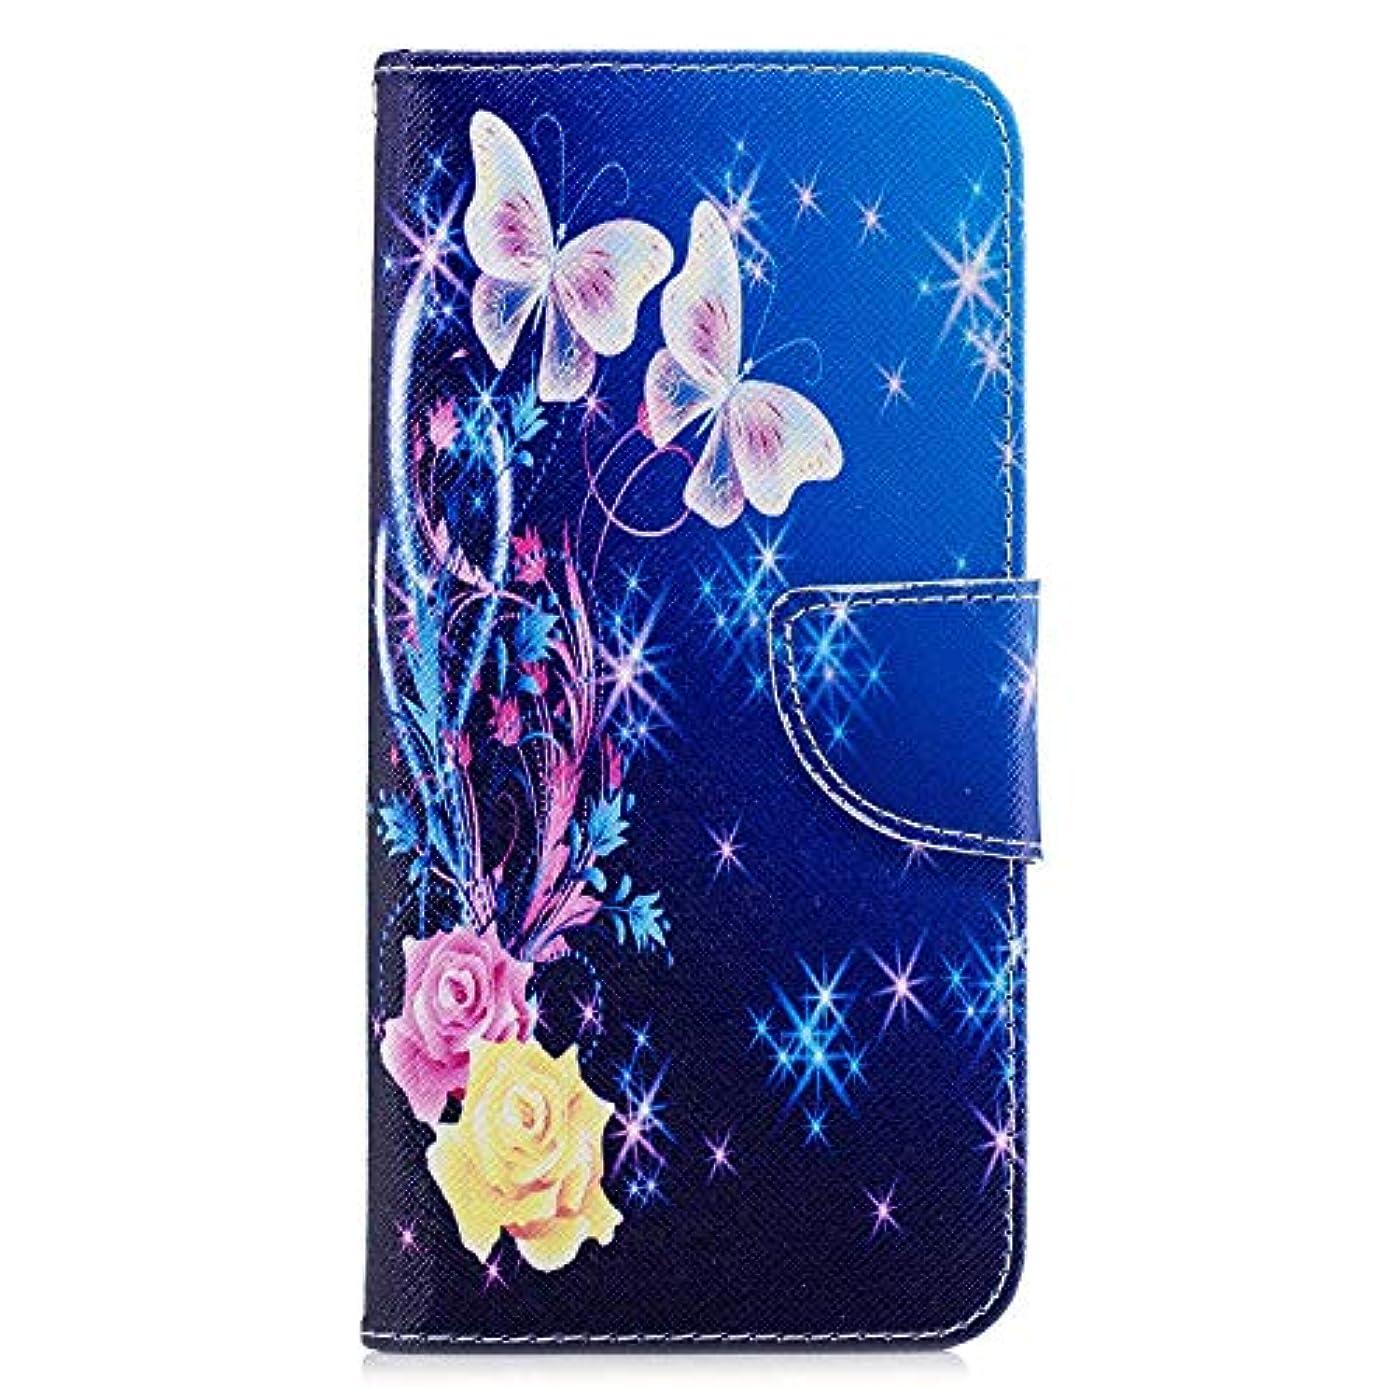 作り美人膨らみOMATENTI Huawei Honor 8C ケース, ファッション人気 PUレザー 手帳 軽量 電話ケース 耐衝撃性 落下防止 薄型 スマホケースザー 付きスタンド機能, マグネット開閉式 そしてカード収納 Huawei...